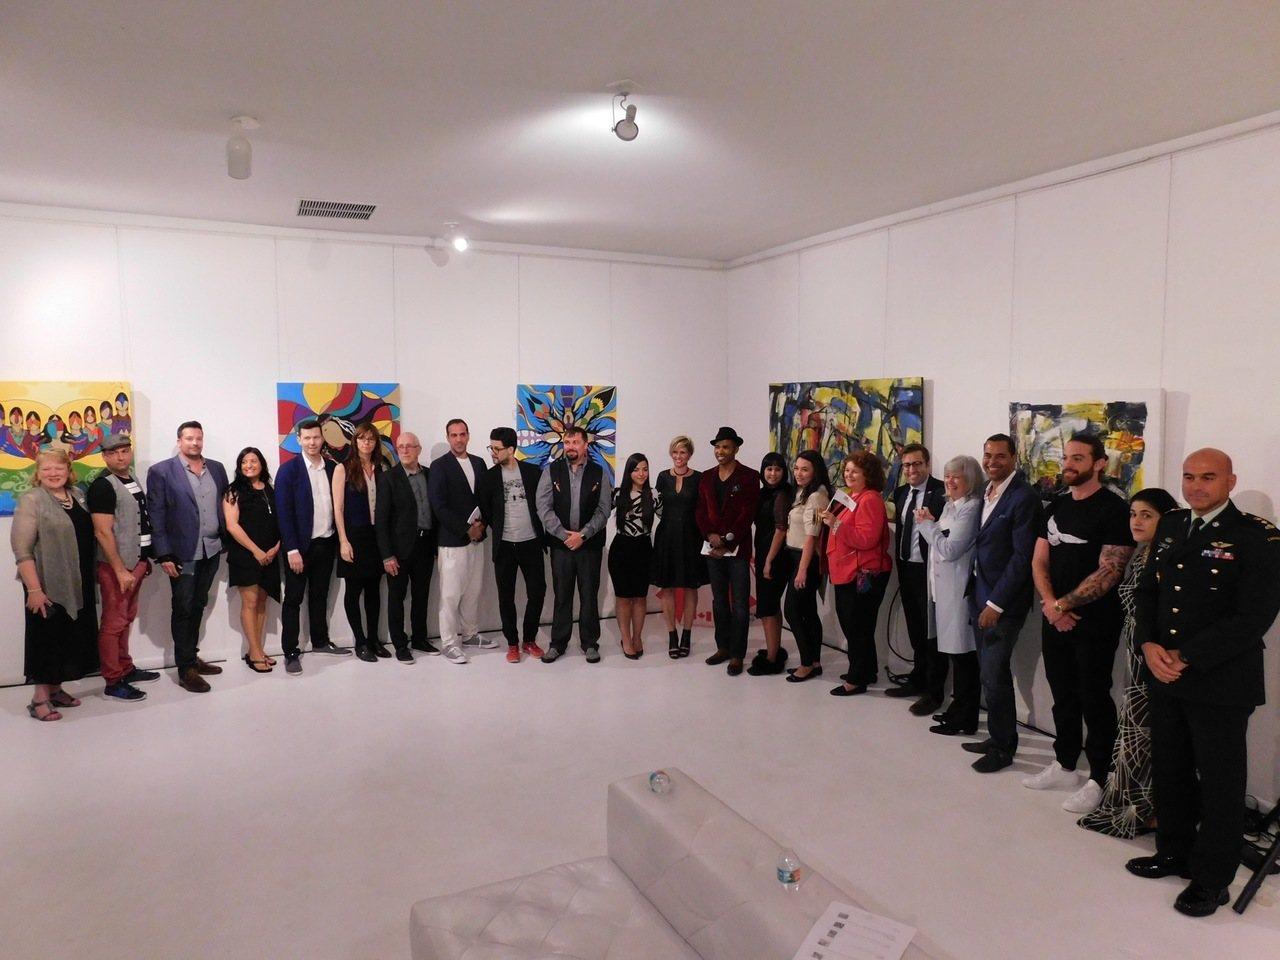 Canada 150 artistes miami wynwood 8472 le courrier de for Chambre de commerce miami